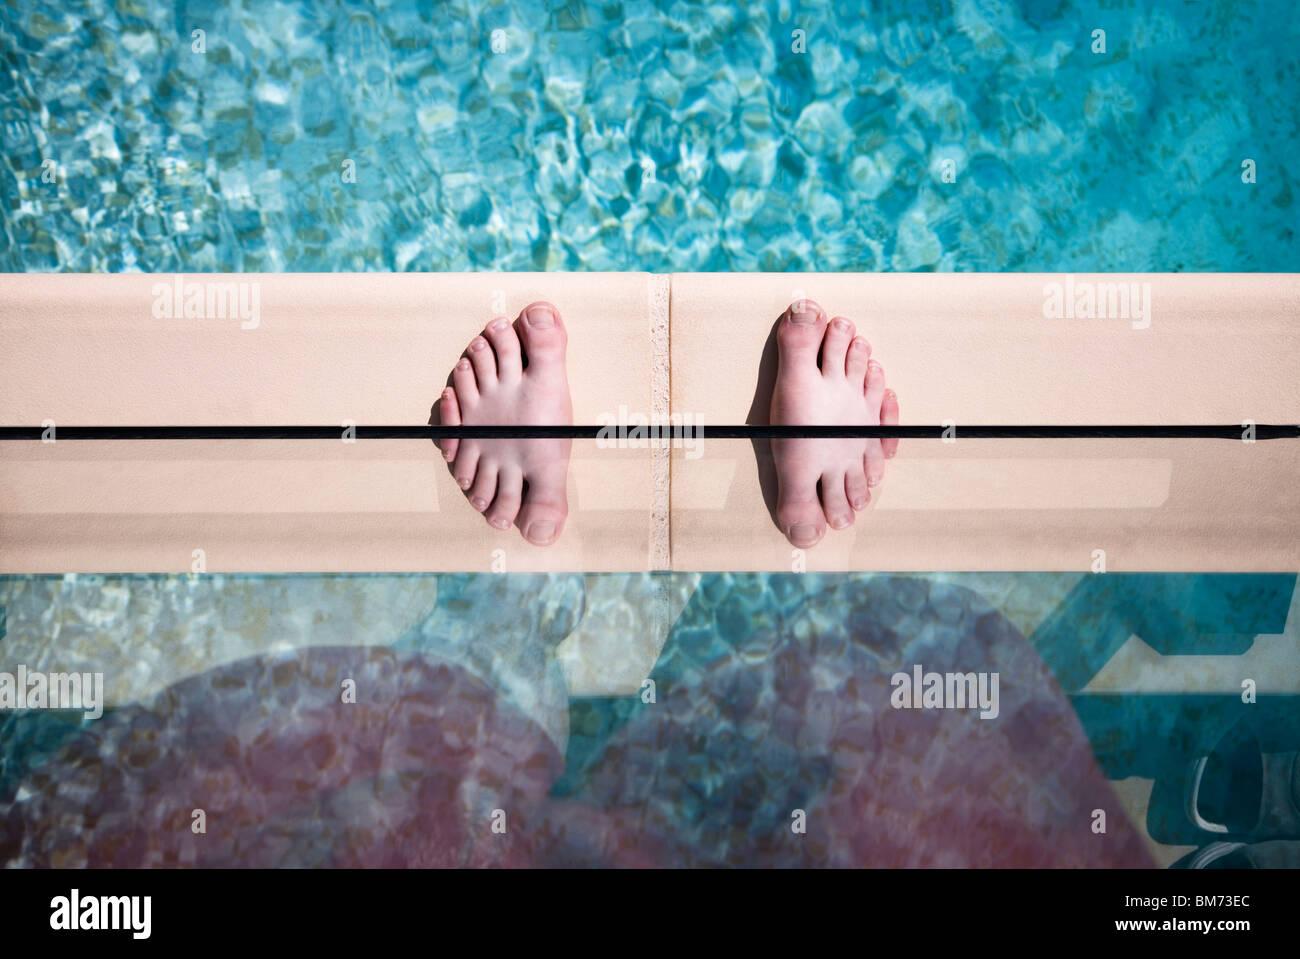 Someones piedi sul bordo di una piscina contro il vetro con una riflessione rendendo twin piedi Immagini Stock